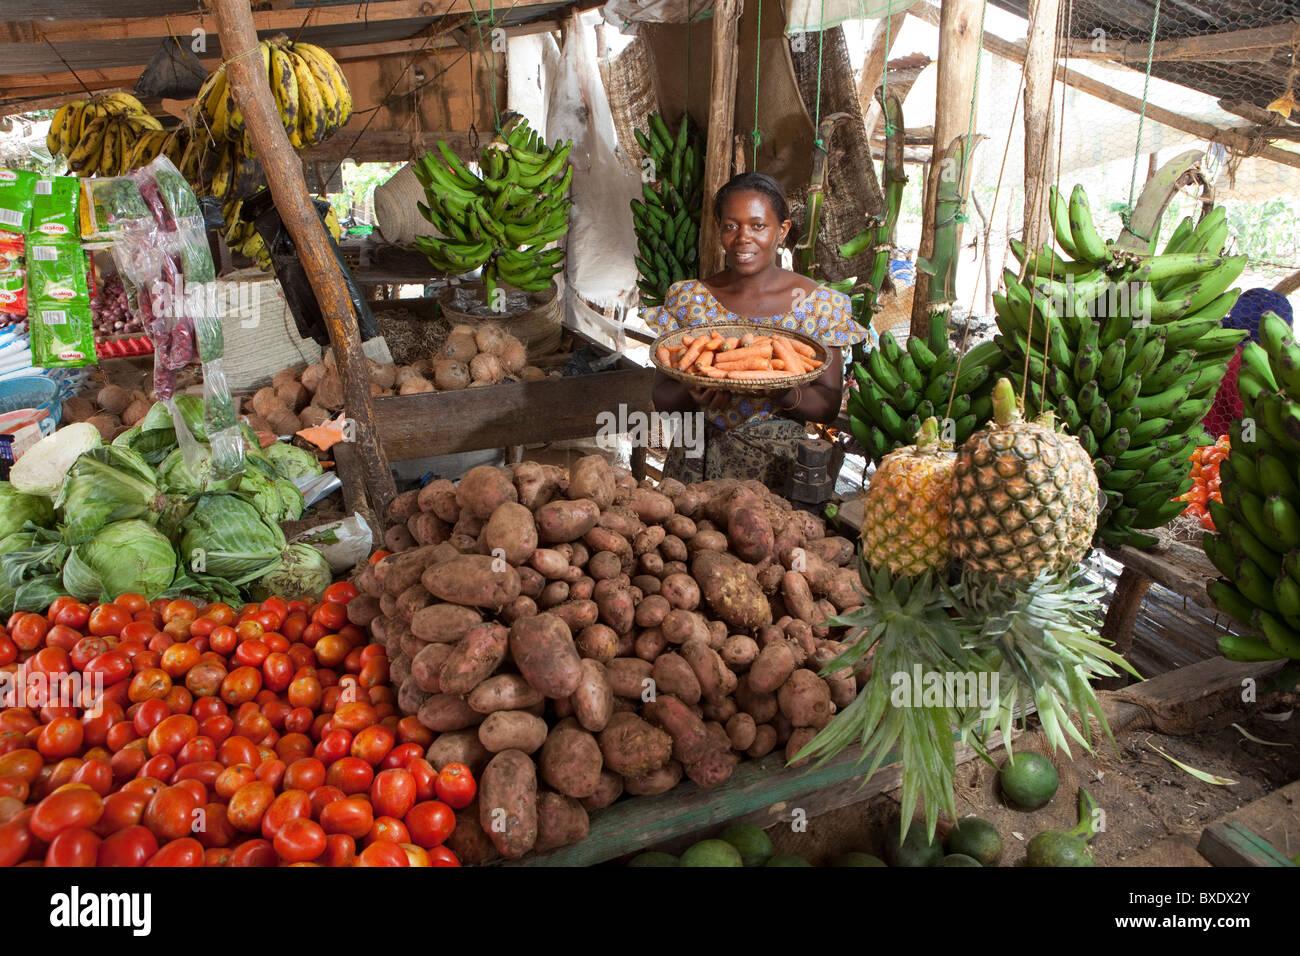 Una mujer sostiene una cesta de verduras frescas en el mercado en Dodoma, Tanzania, África Oriental. Imagen De Stock